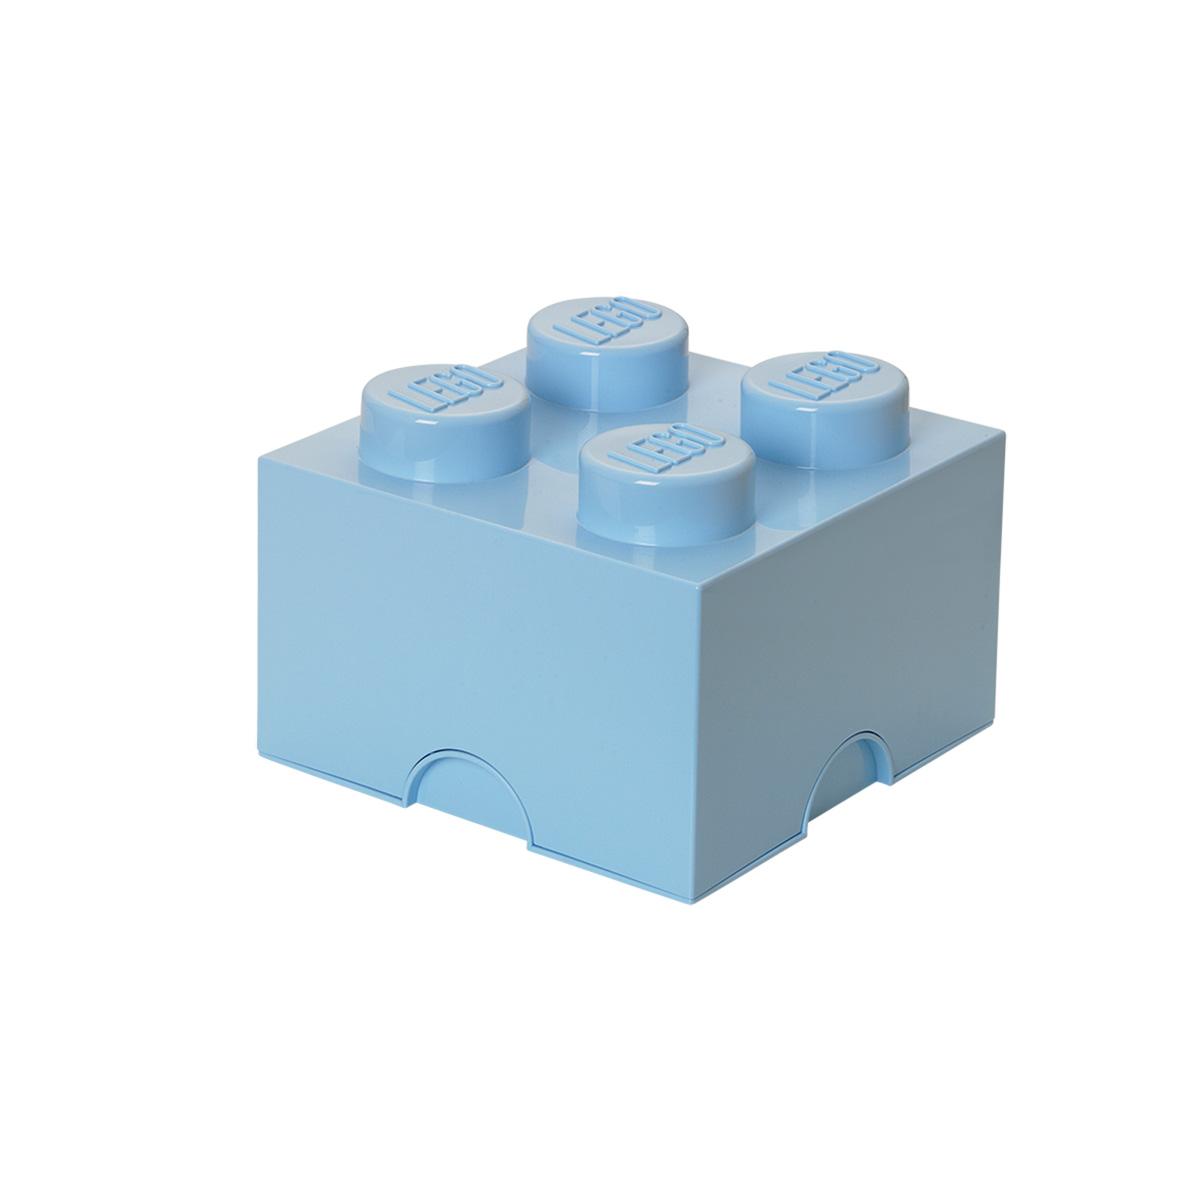 LEGO opbevaringskasse med 4 knopper - Lyseblå